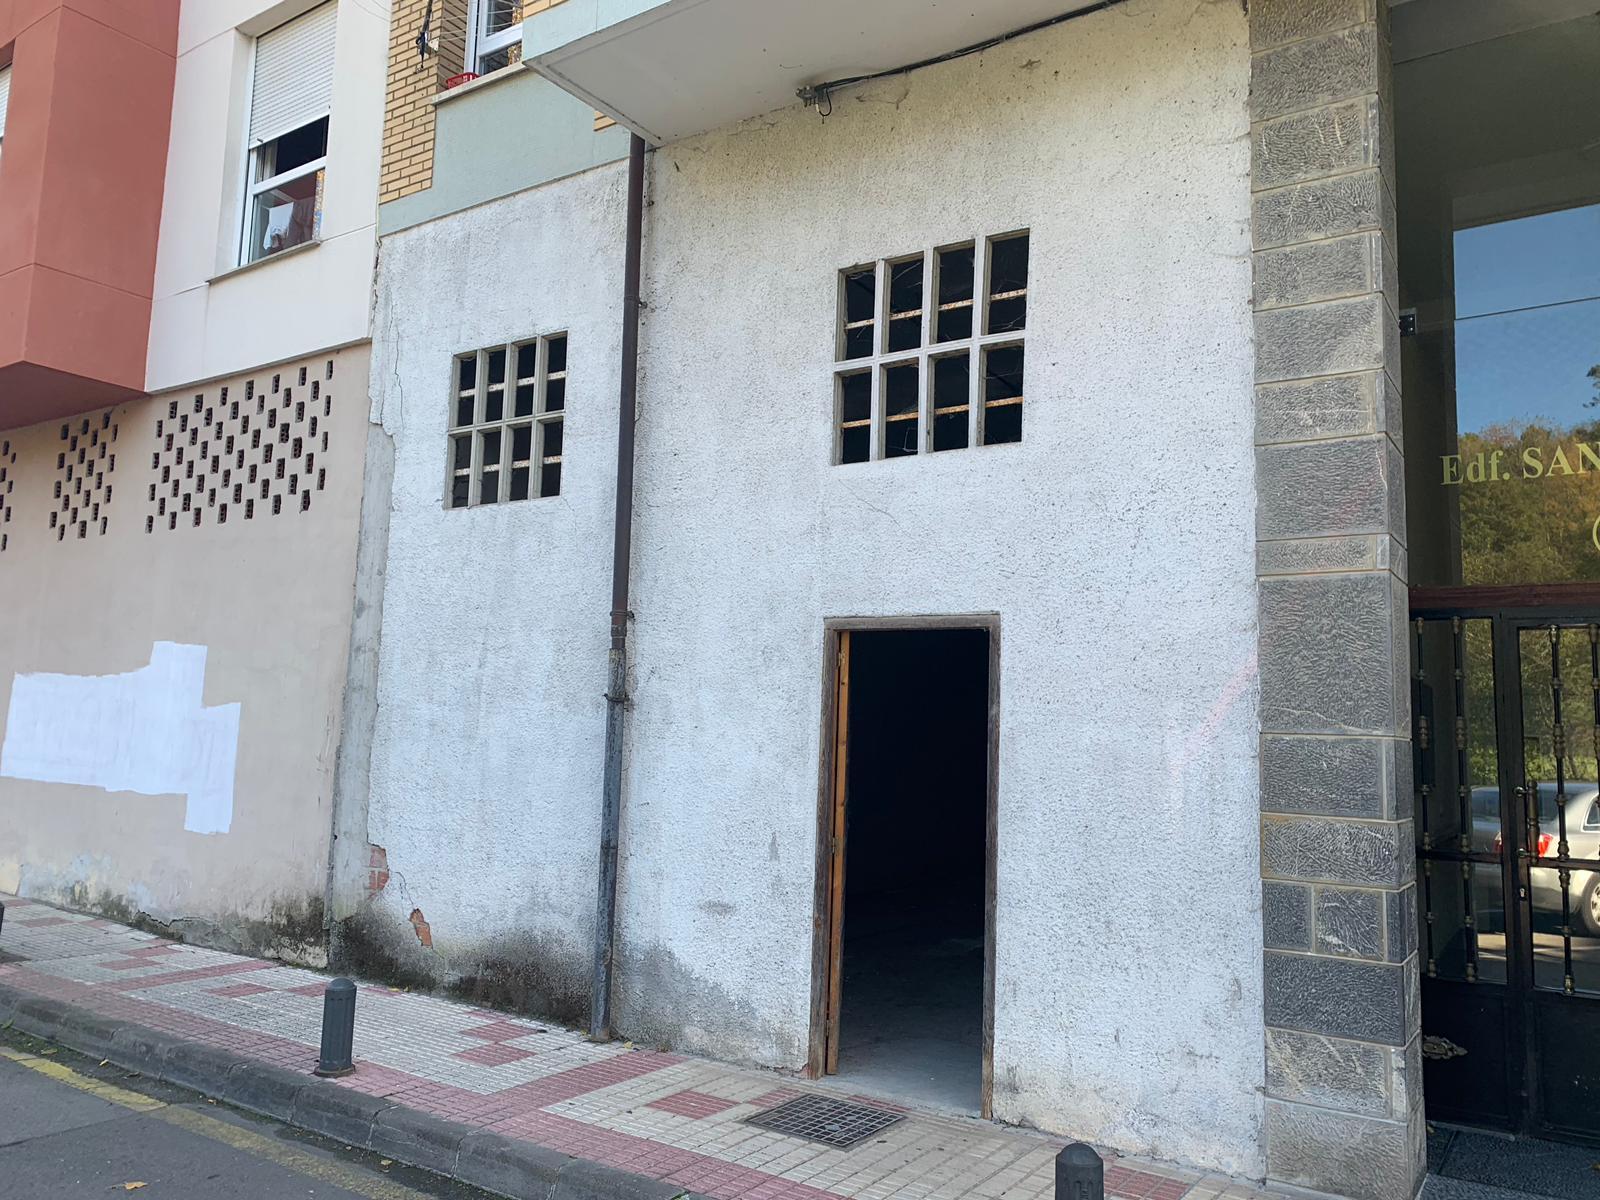 Local comercial en Cangas de Onís, alquiler